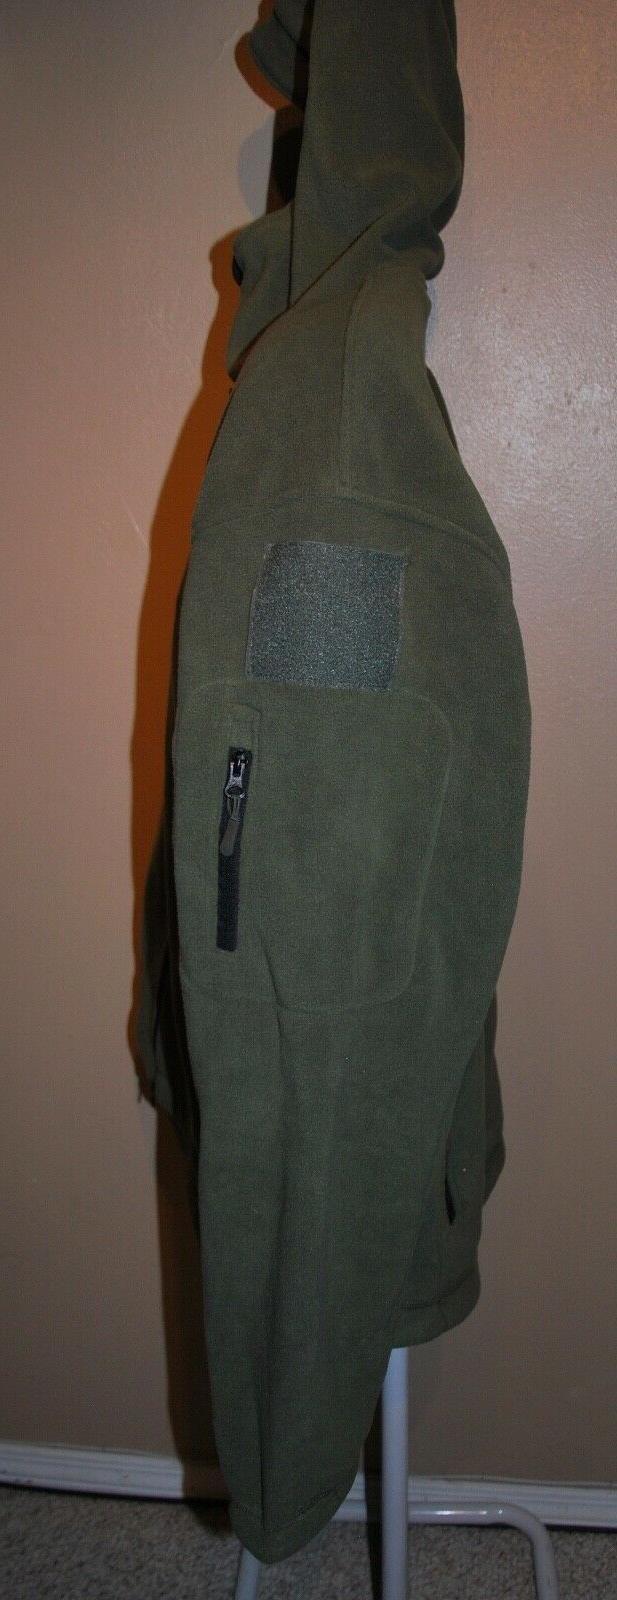 ReFire Shark Tactical Jacket Thermal Fleece Hoodie